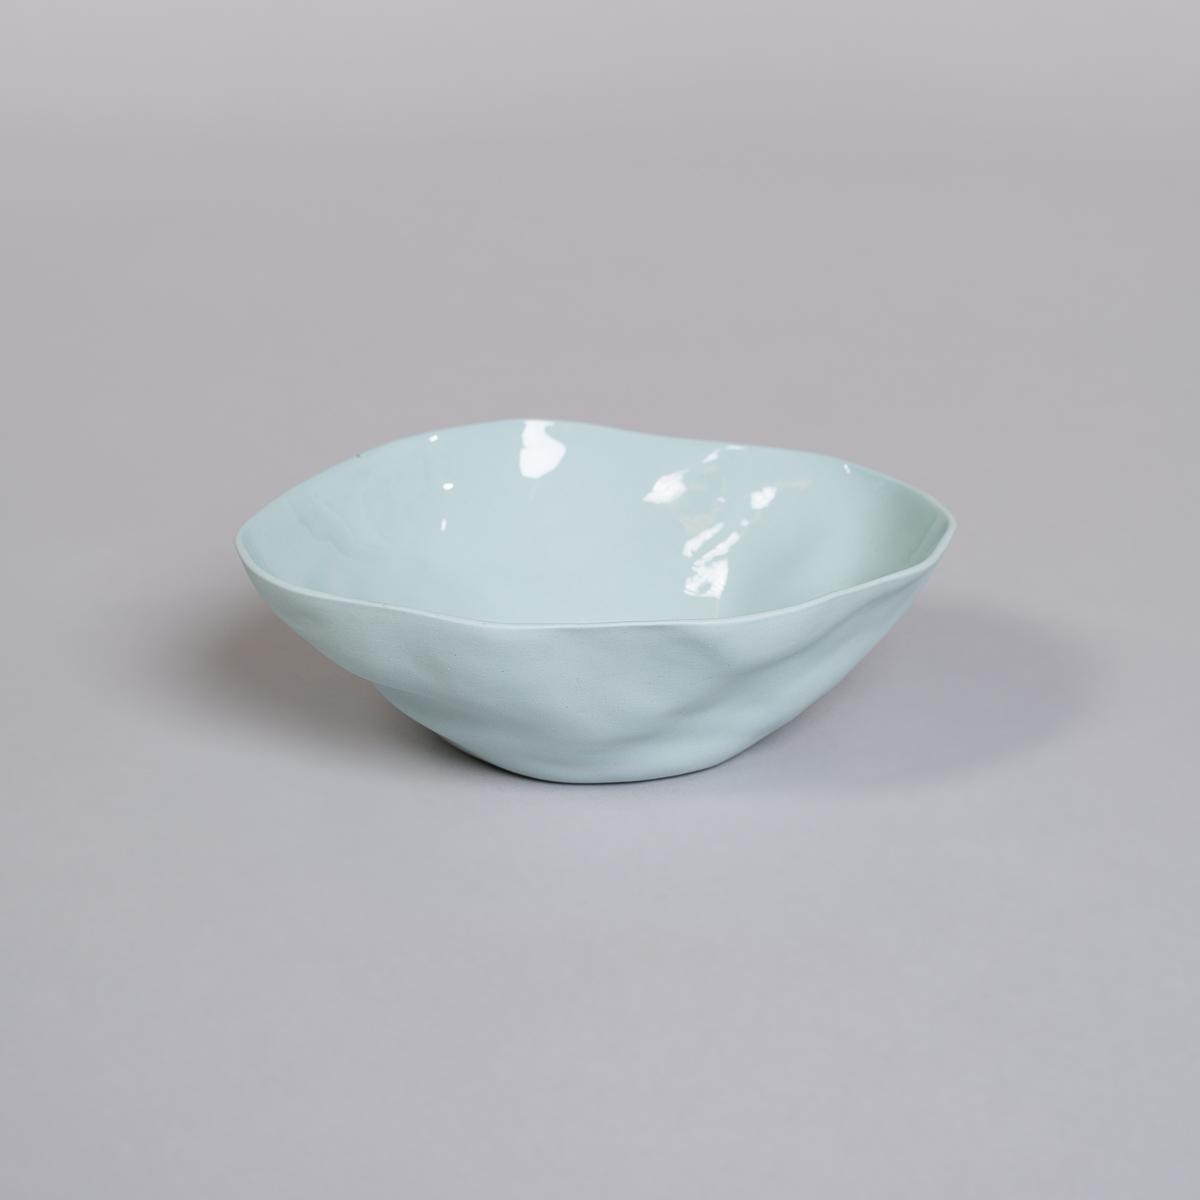 Bolle Medium i Porselen - Lys blå-0